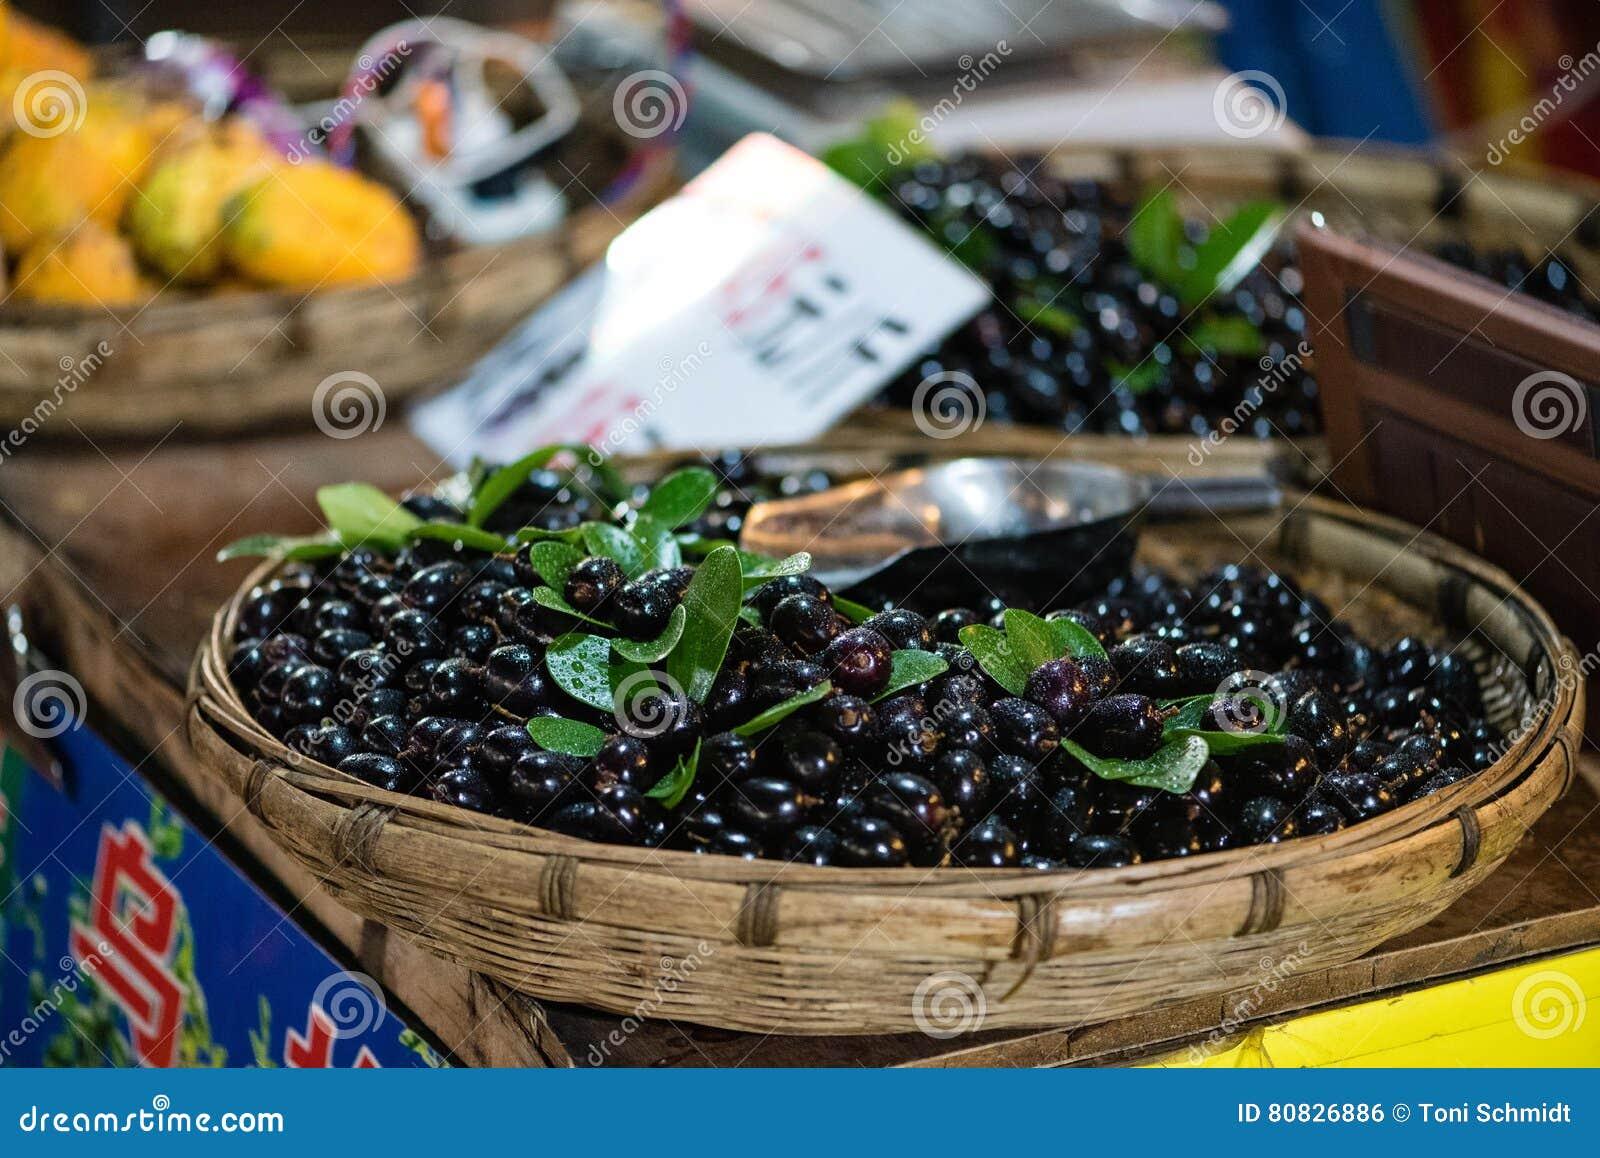 Kinesiska plommoner på försäljning på marknad